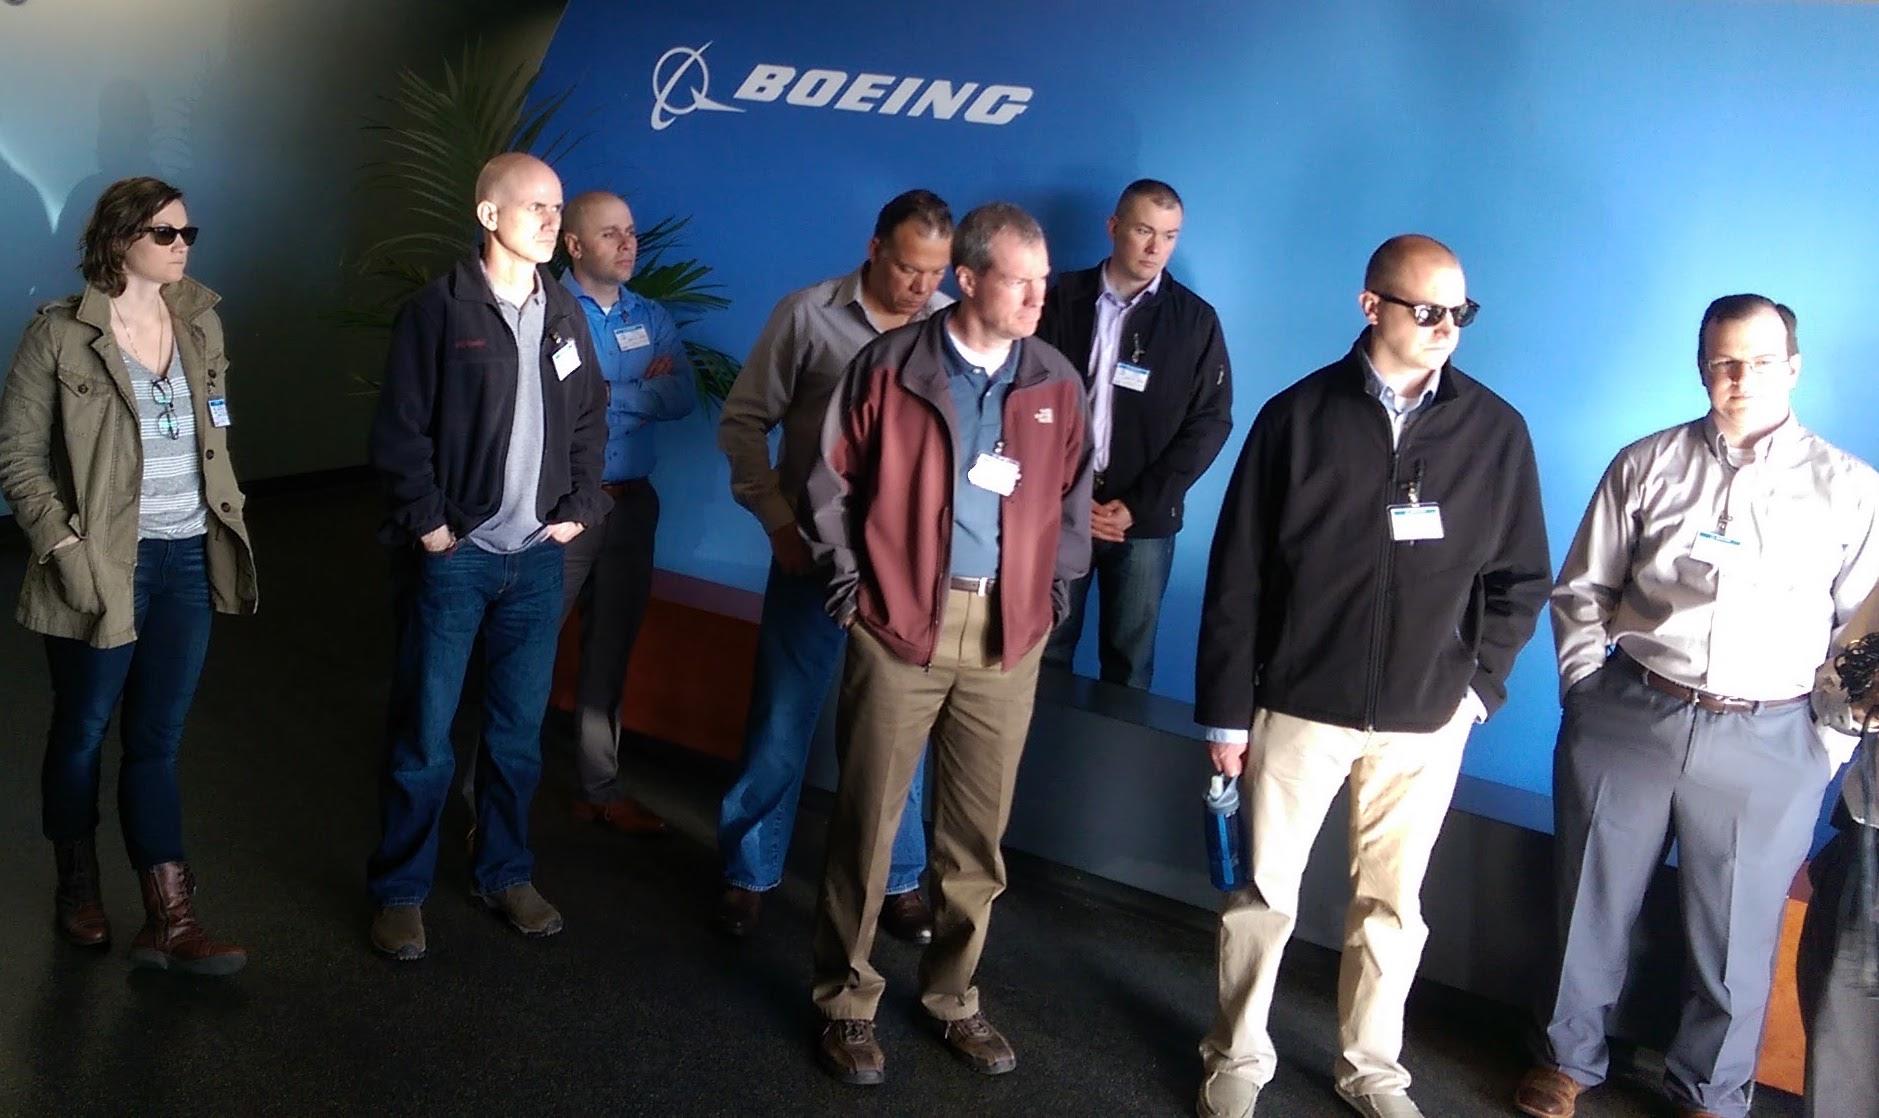 JBLM Fellows at Boeing